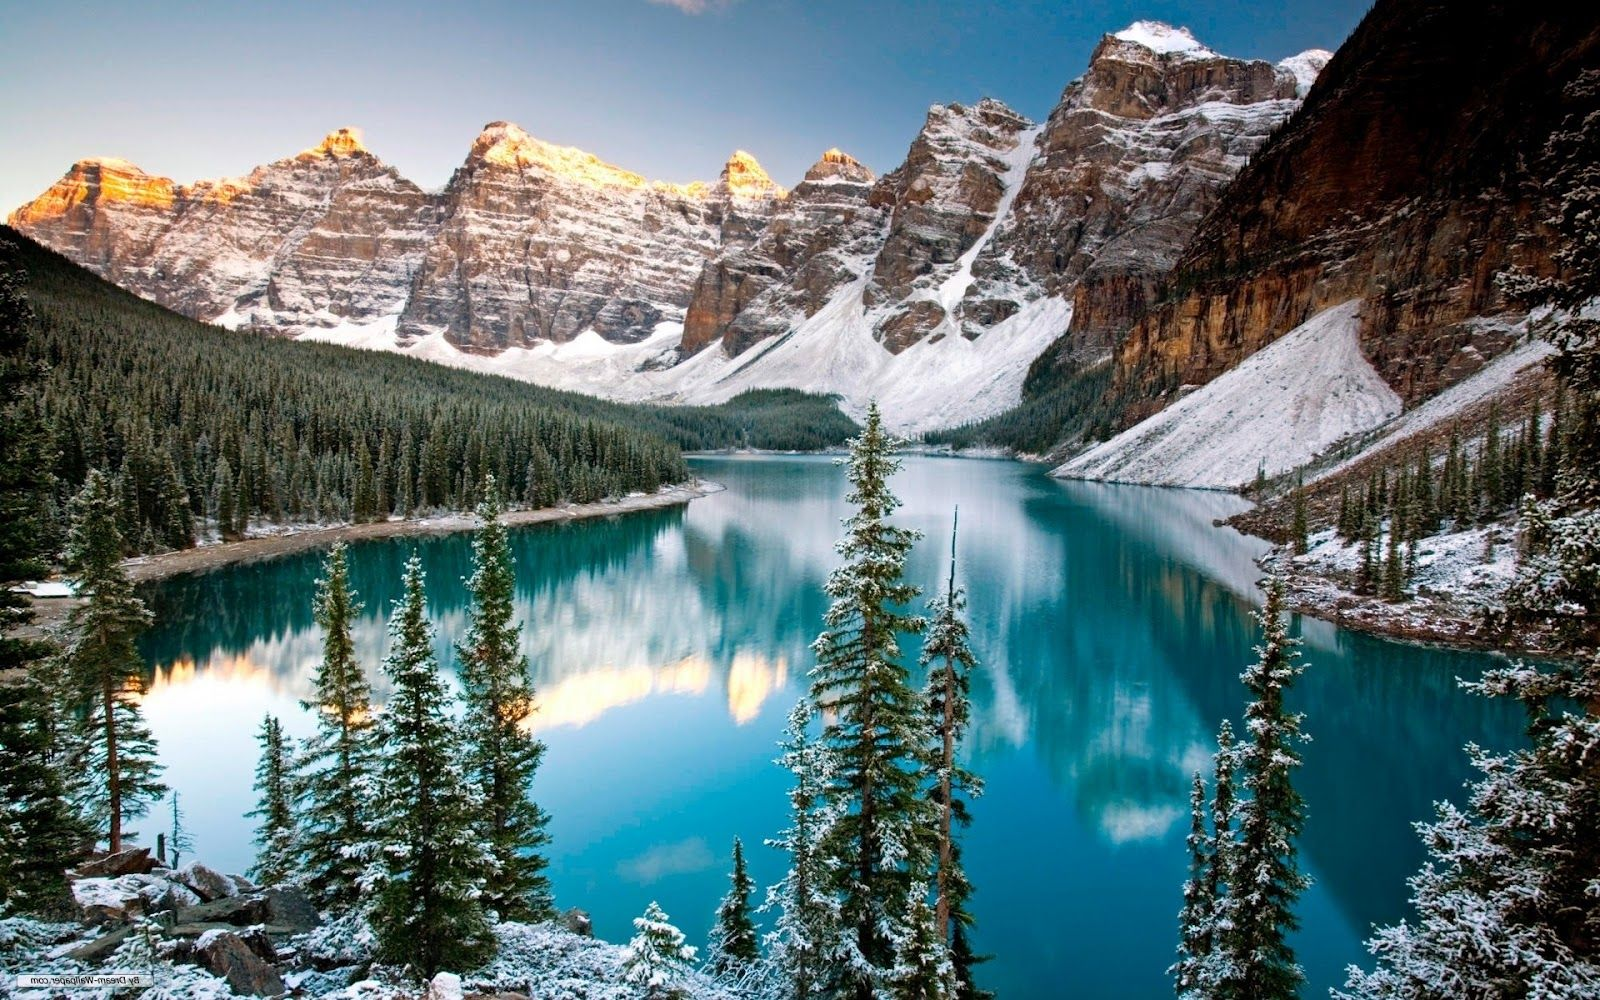 Winter Desktop Wallpapers   Top Winter Desktop Backgrounds 1600x1000